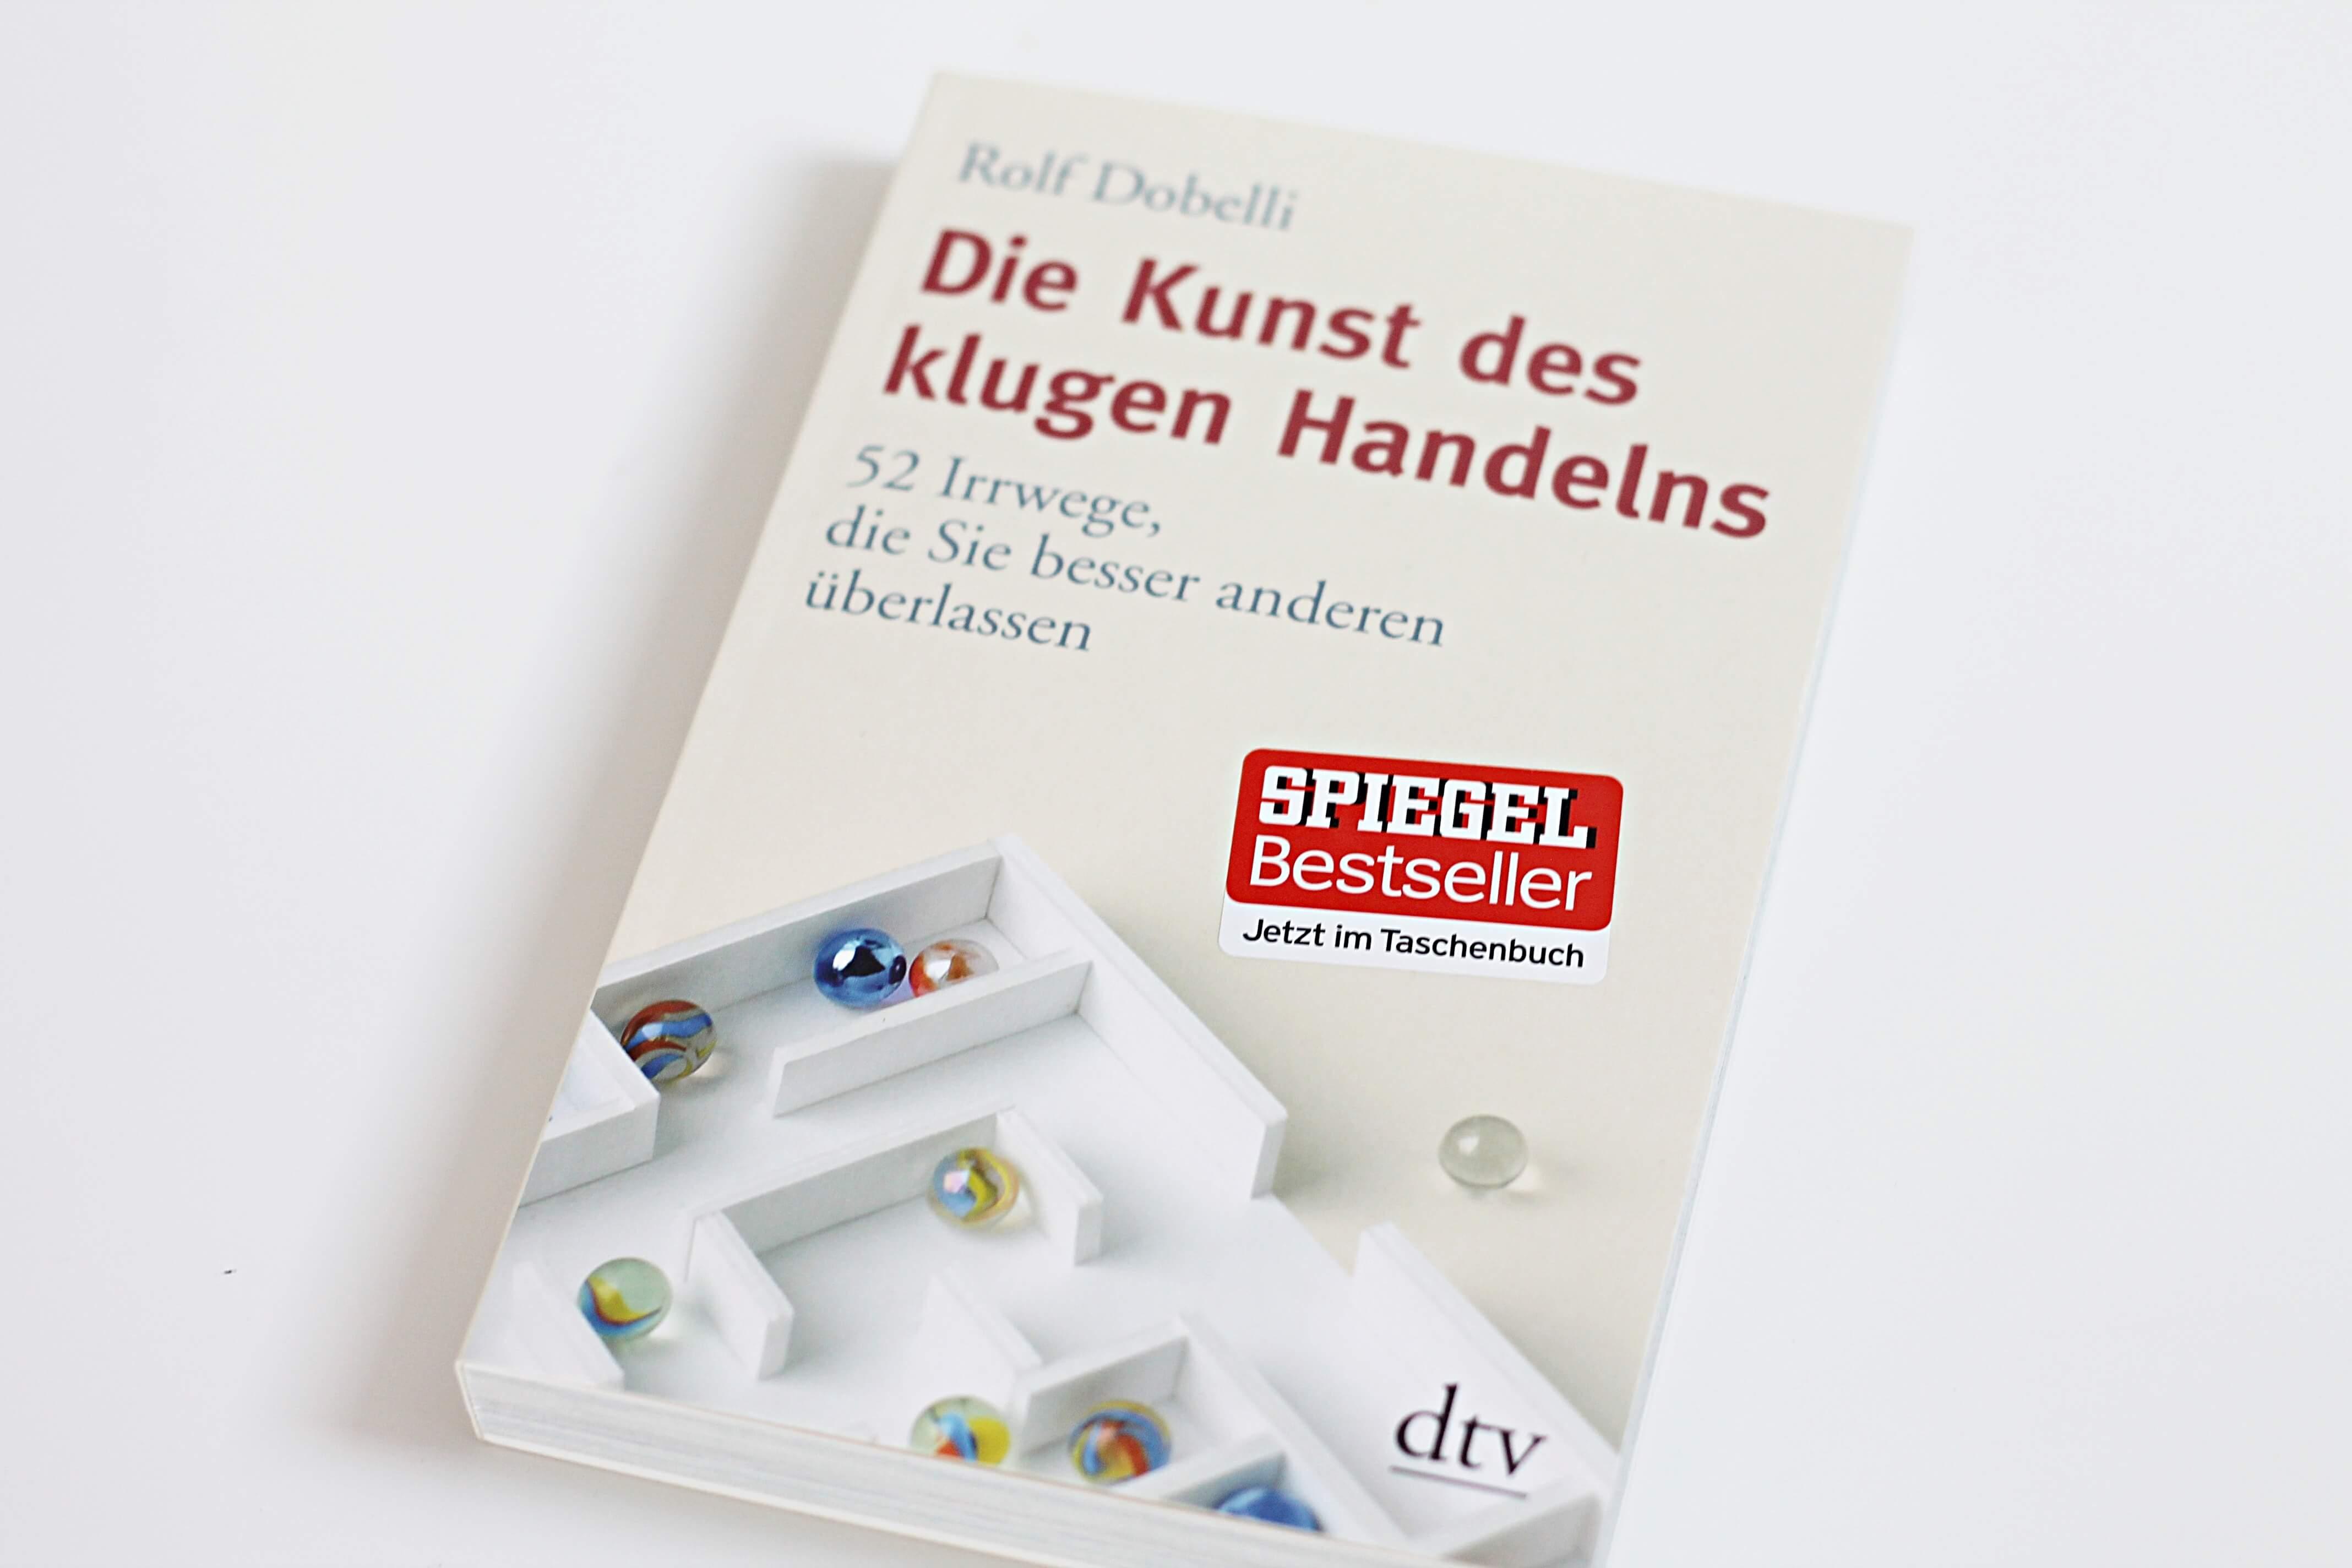 rolf-dobelli-die-kunst-klugen-handelns-buchtipps-diana-fithealthydi